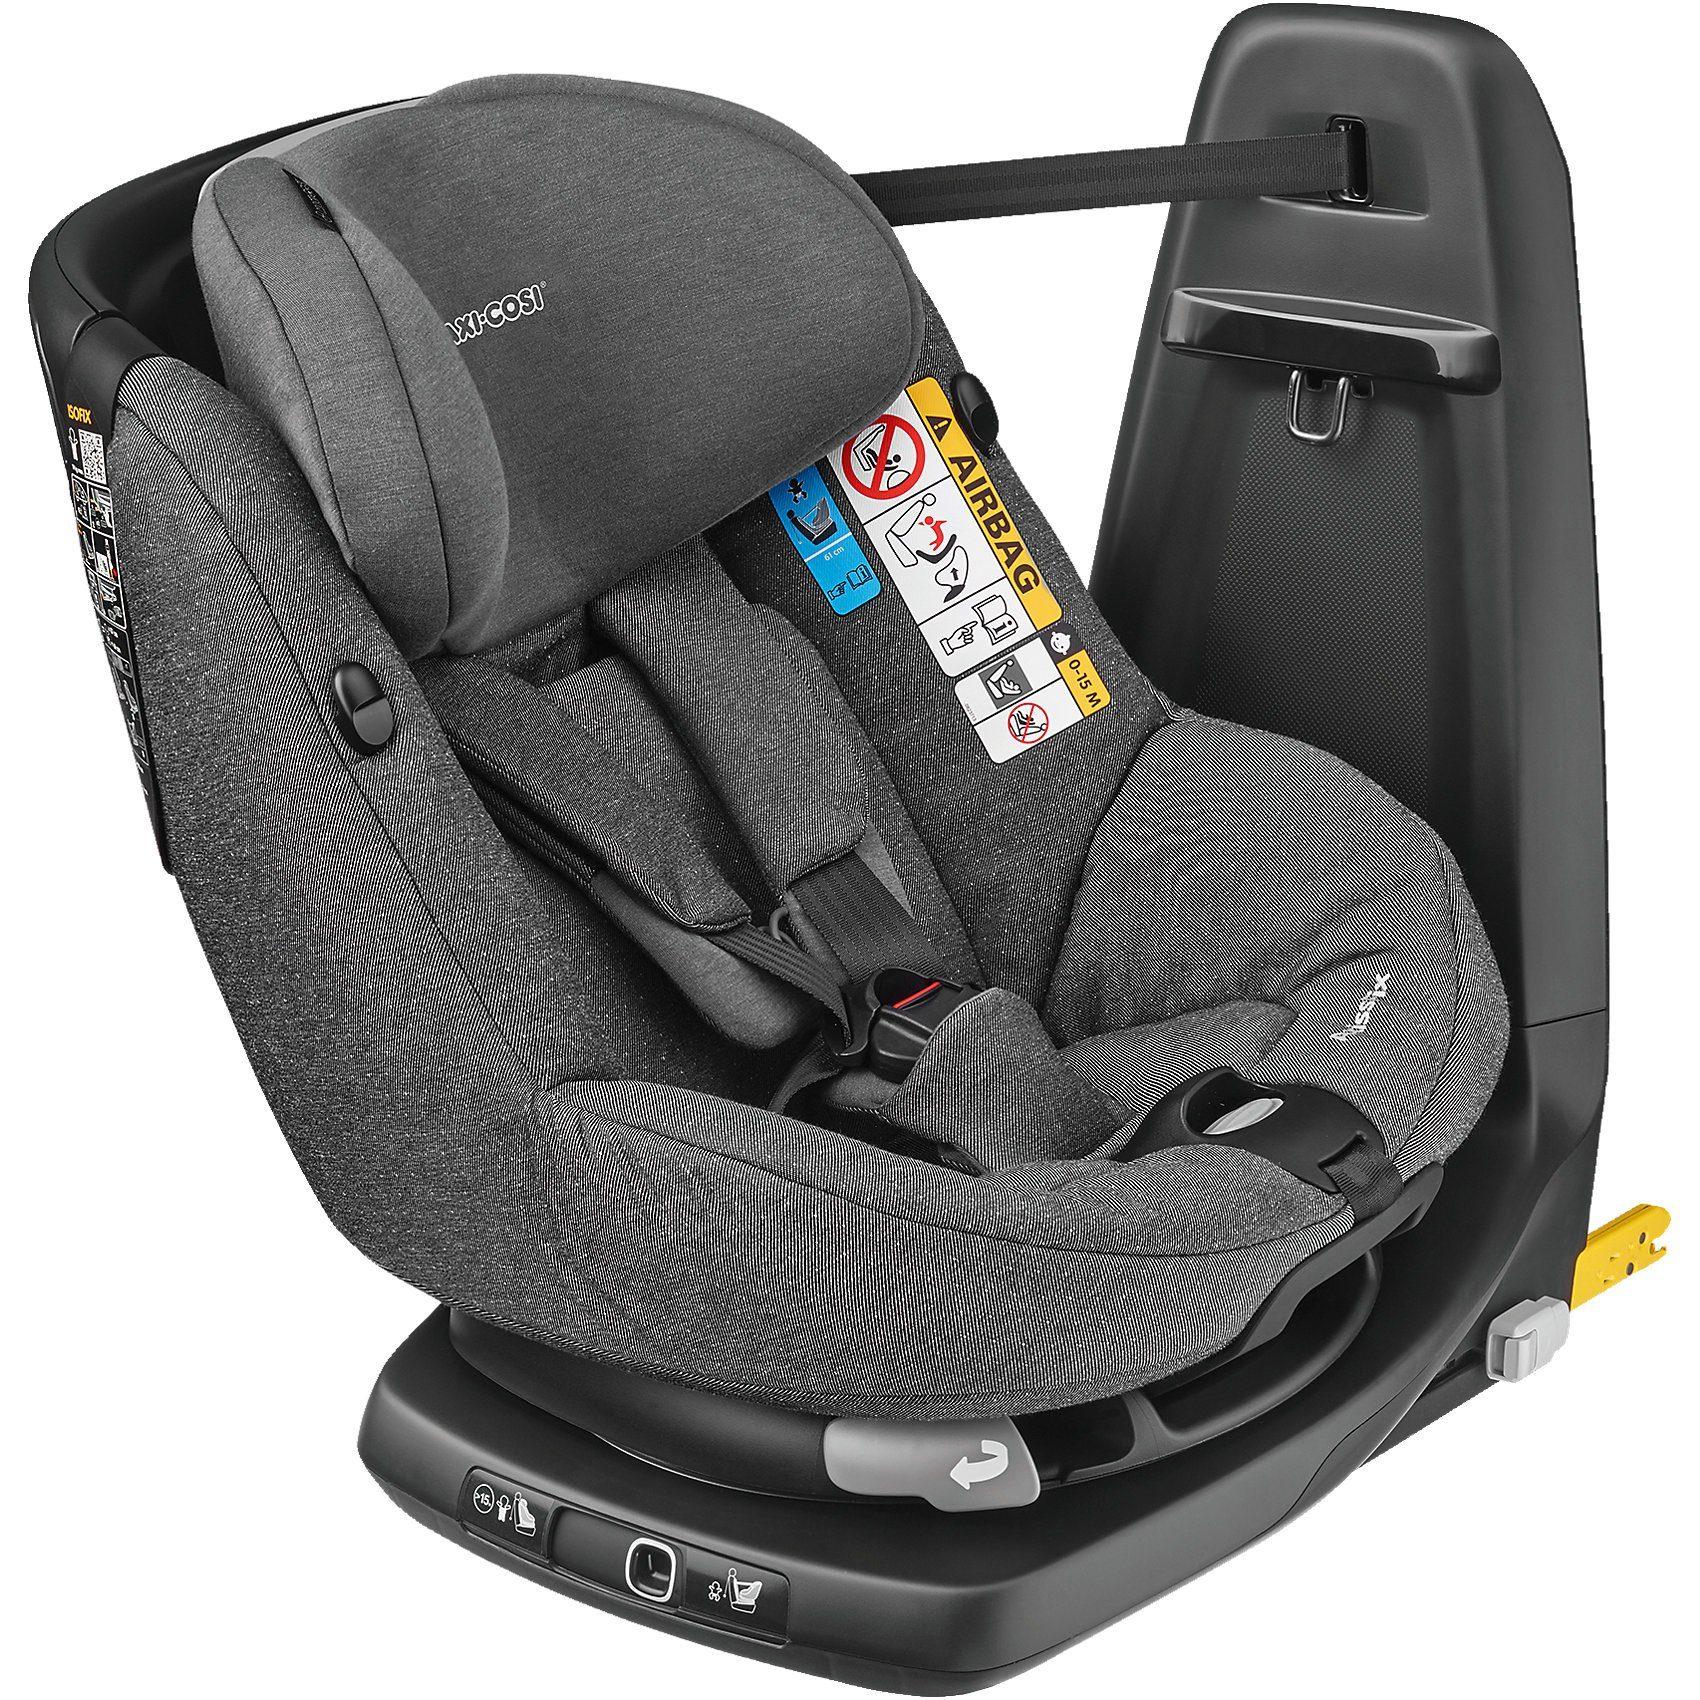 Maxi-Cosi Auto-Kindersitz Axissfix, Sparkling Grey, 2017